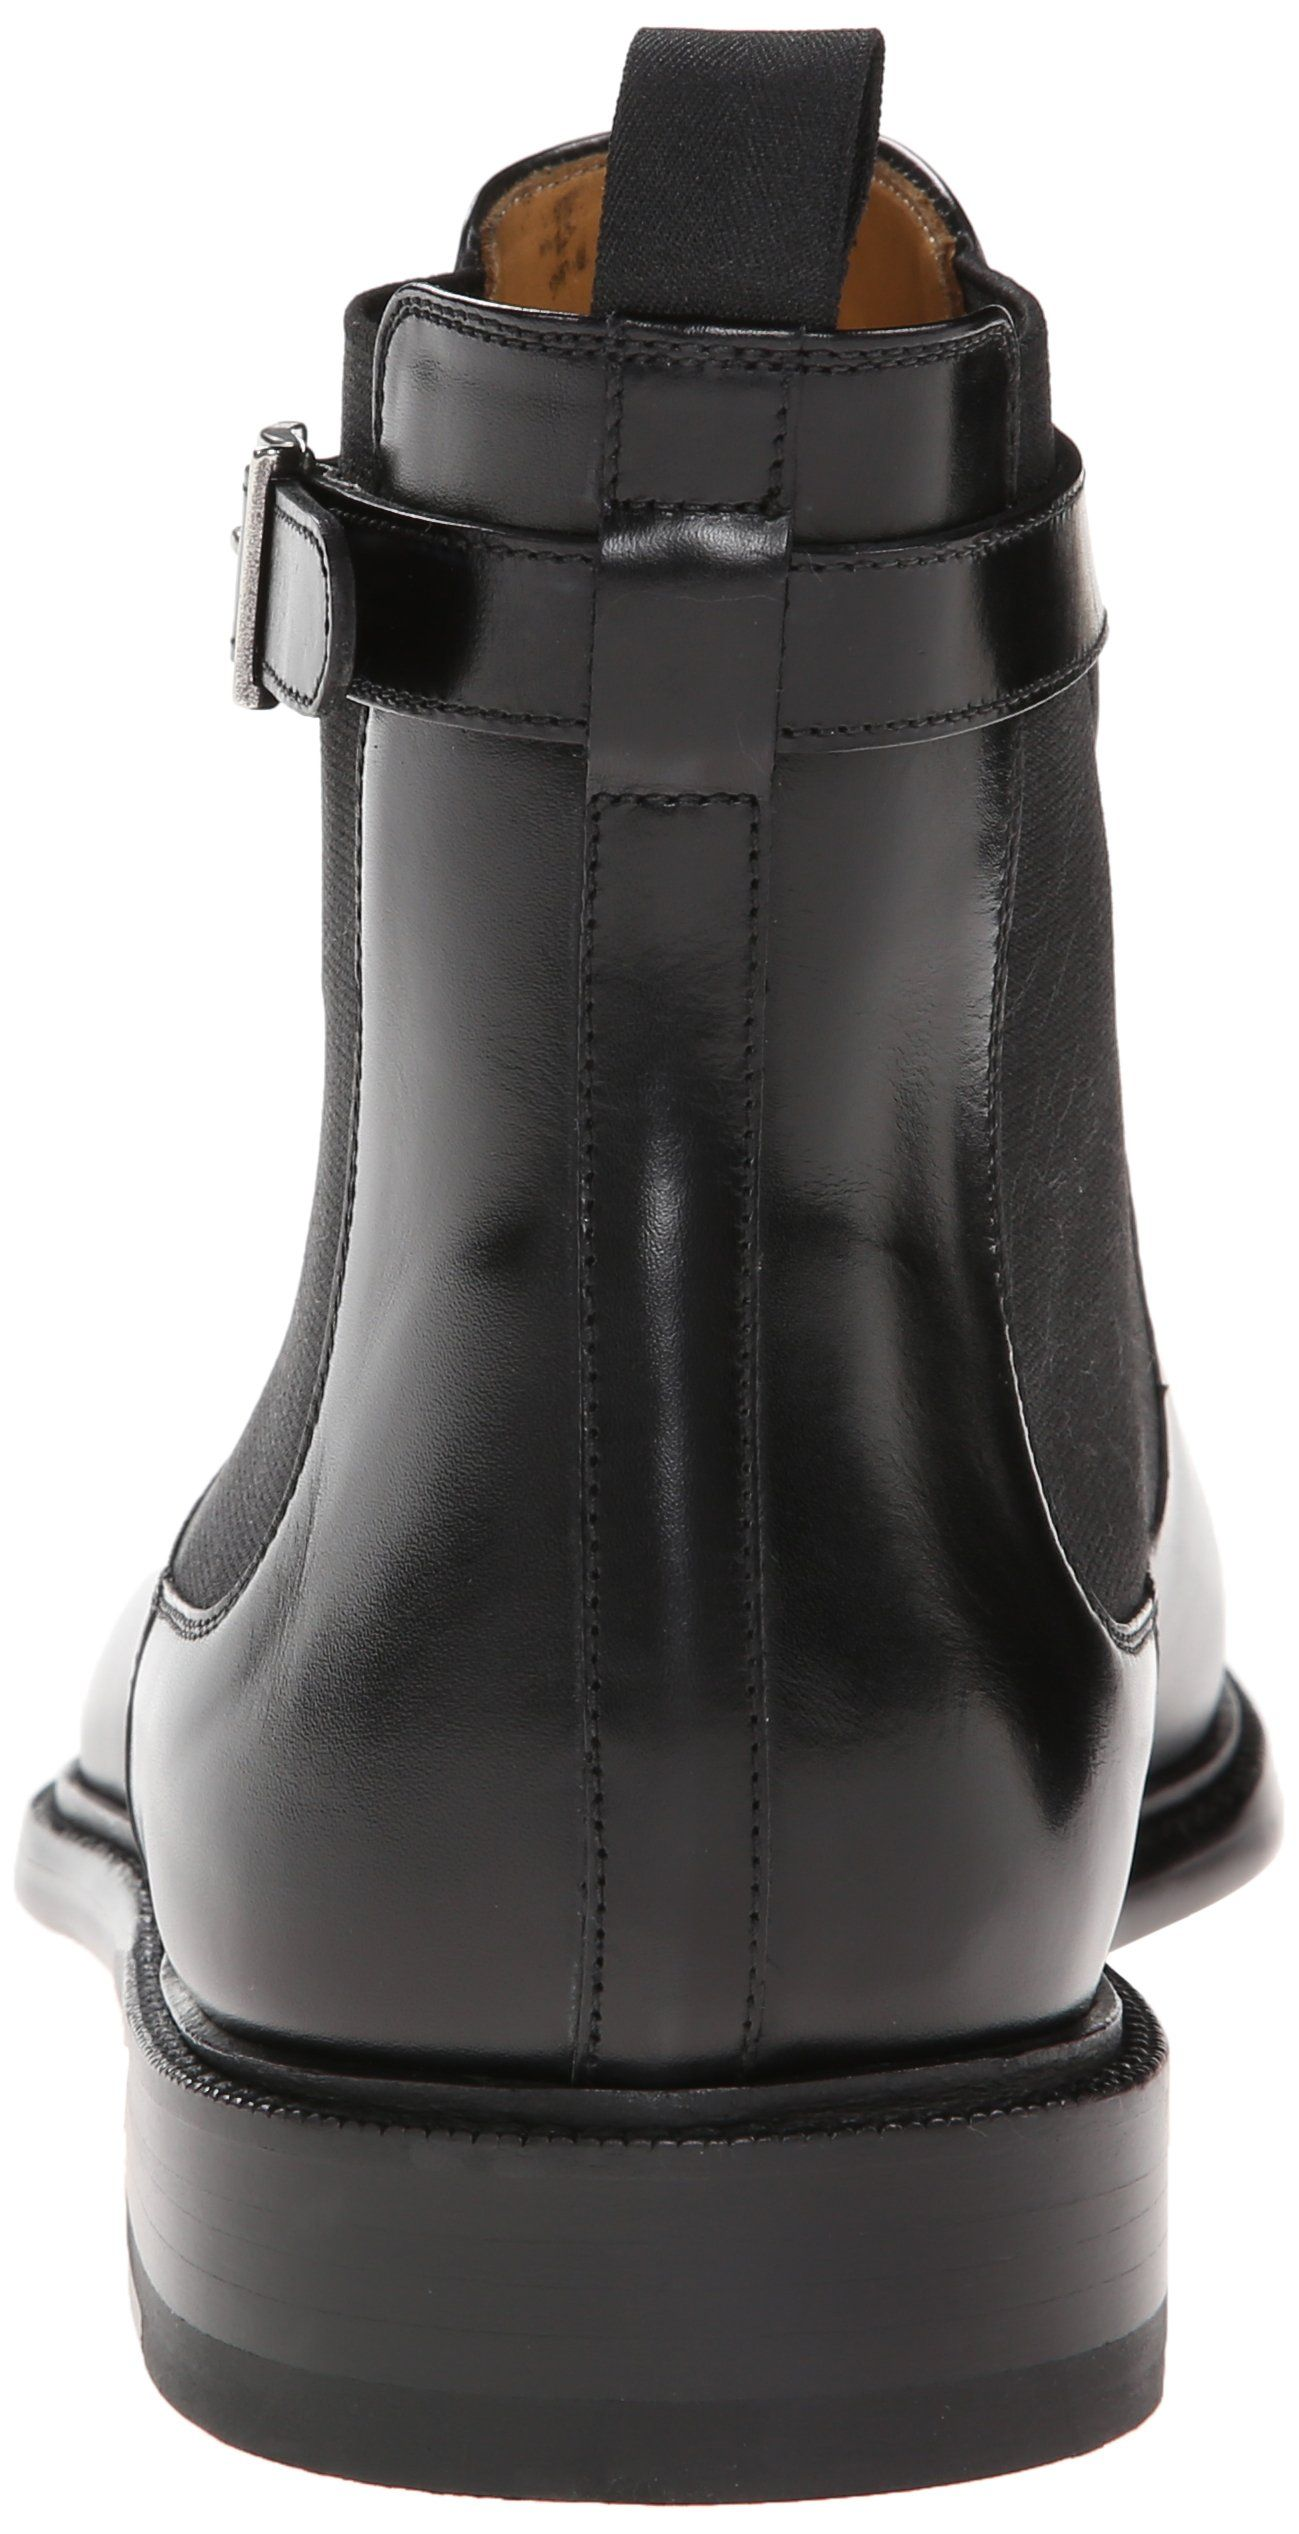 d525fc91dc260 Amazon.com: Magnanni Men's Ciro Chelsea Boot,Black,13 M US: Shoes ...